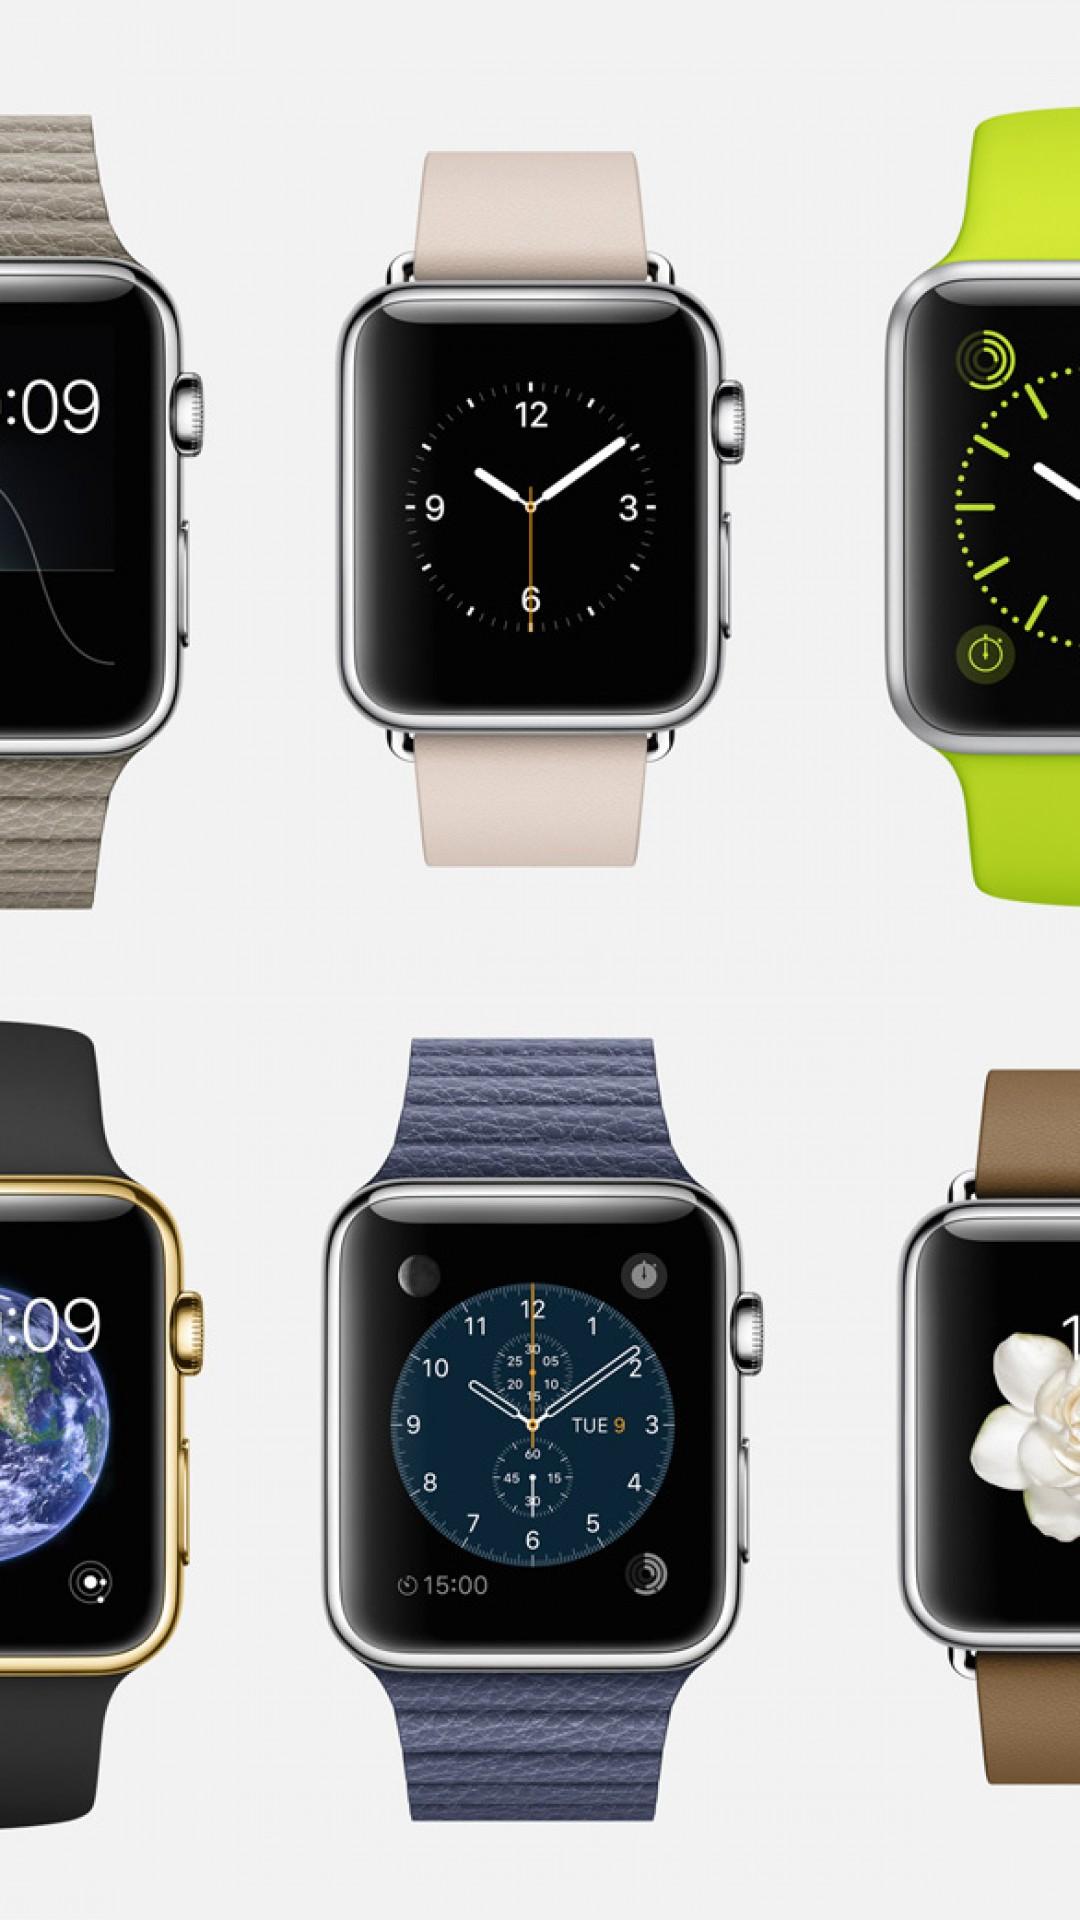 apple watch 4 心電圖 破解